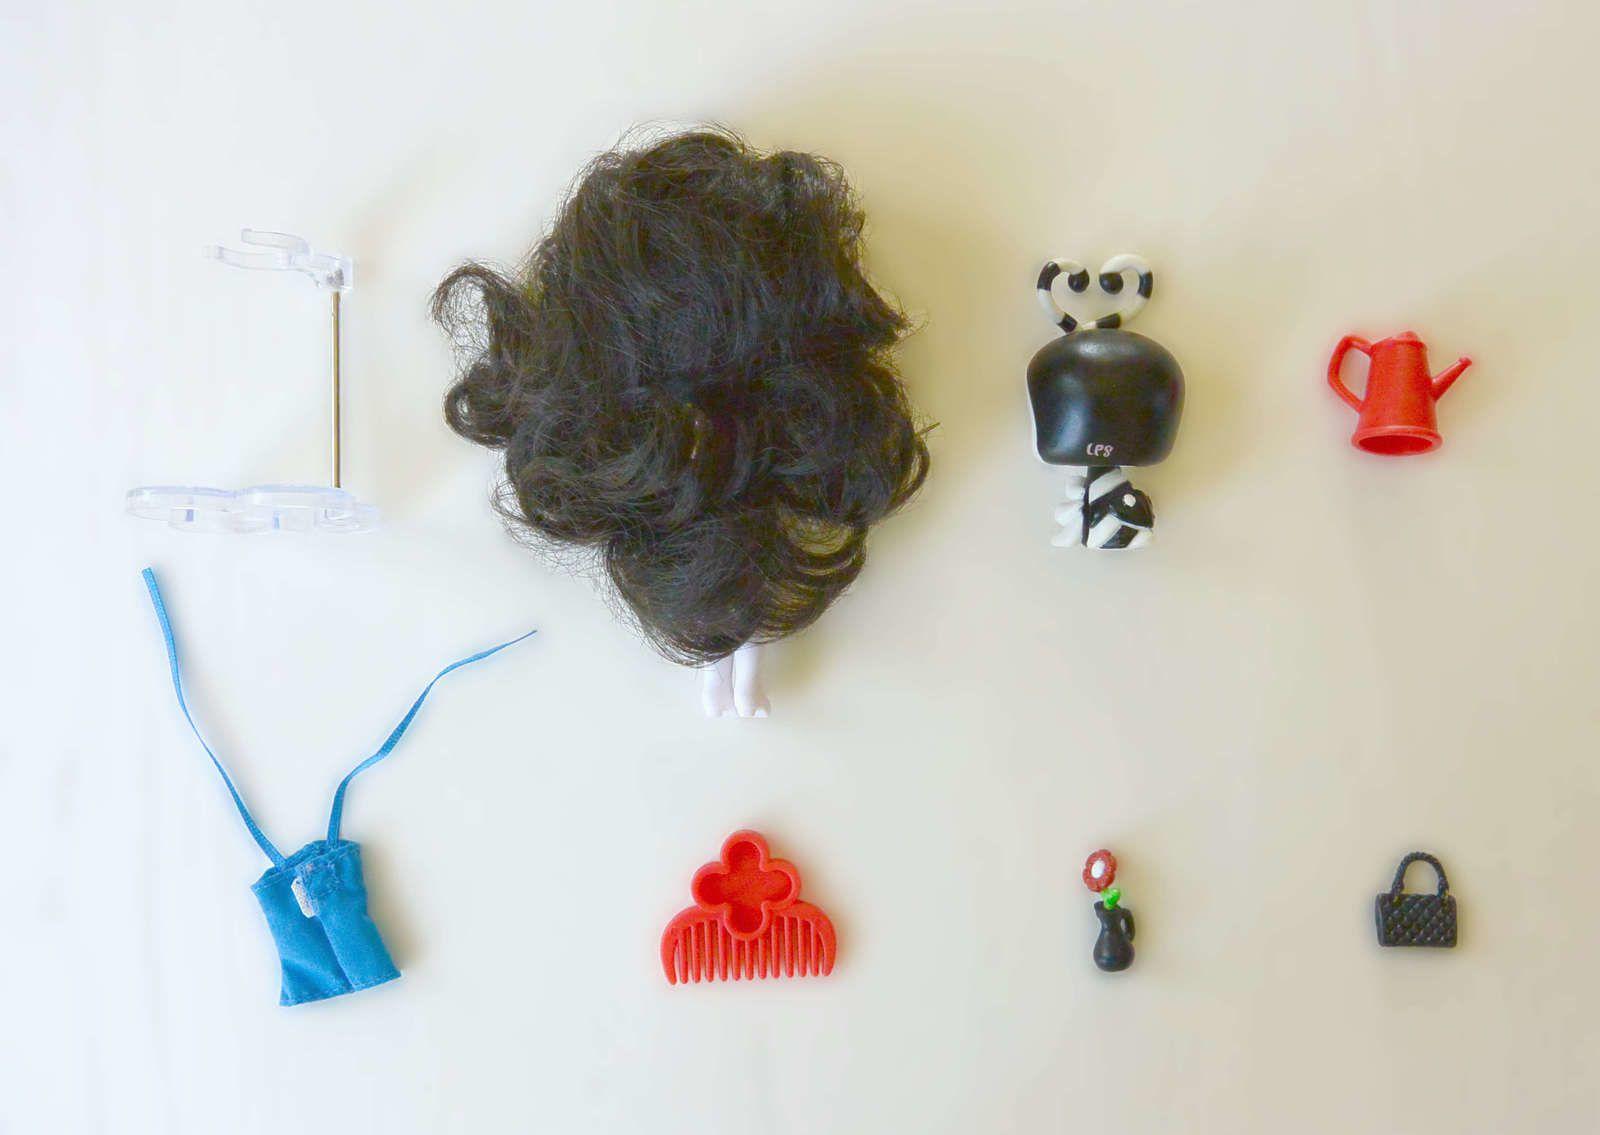 Poupée Blythe B32, chenille 2250 et accessoires Black &amp&#x3B; White Collection Hasbro© Littlest Petshop